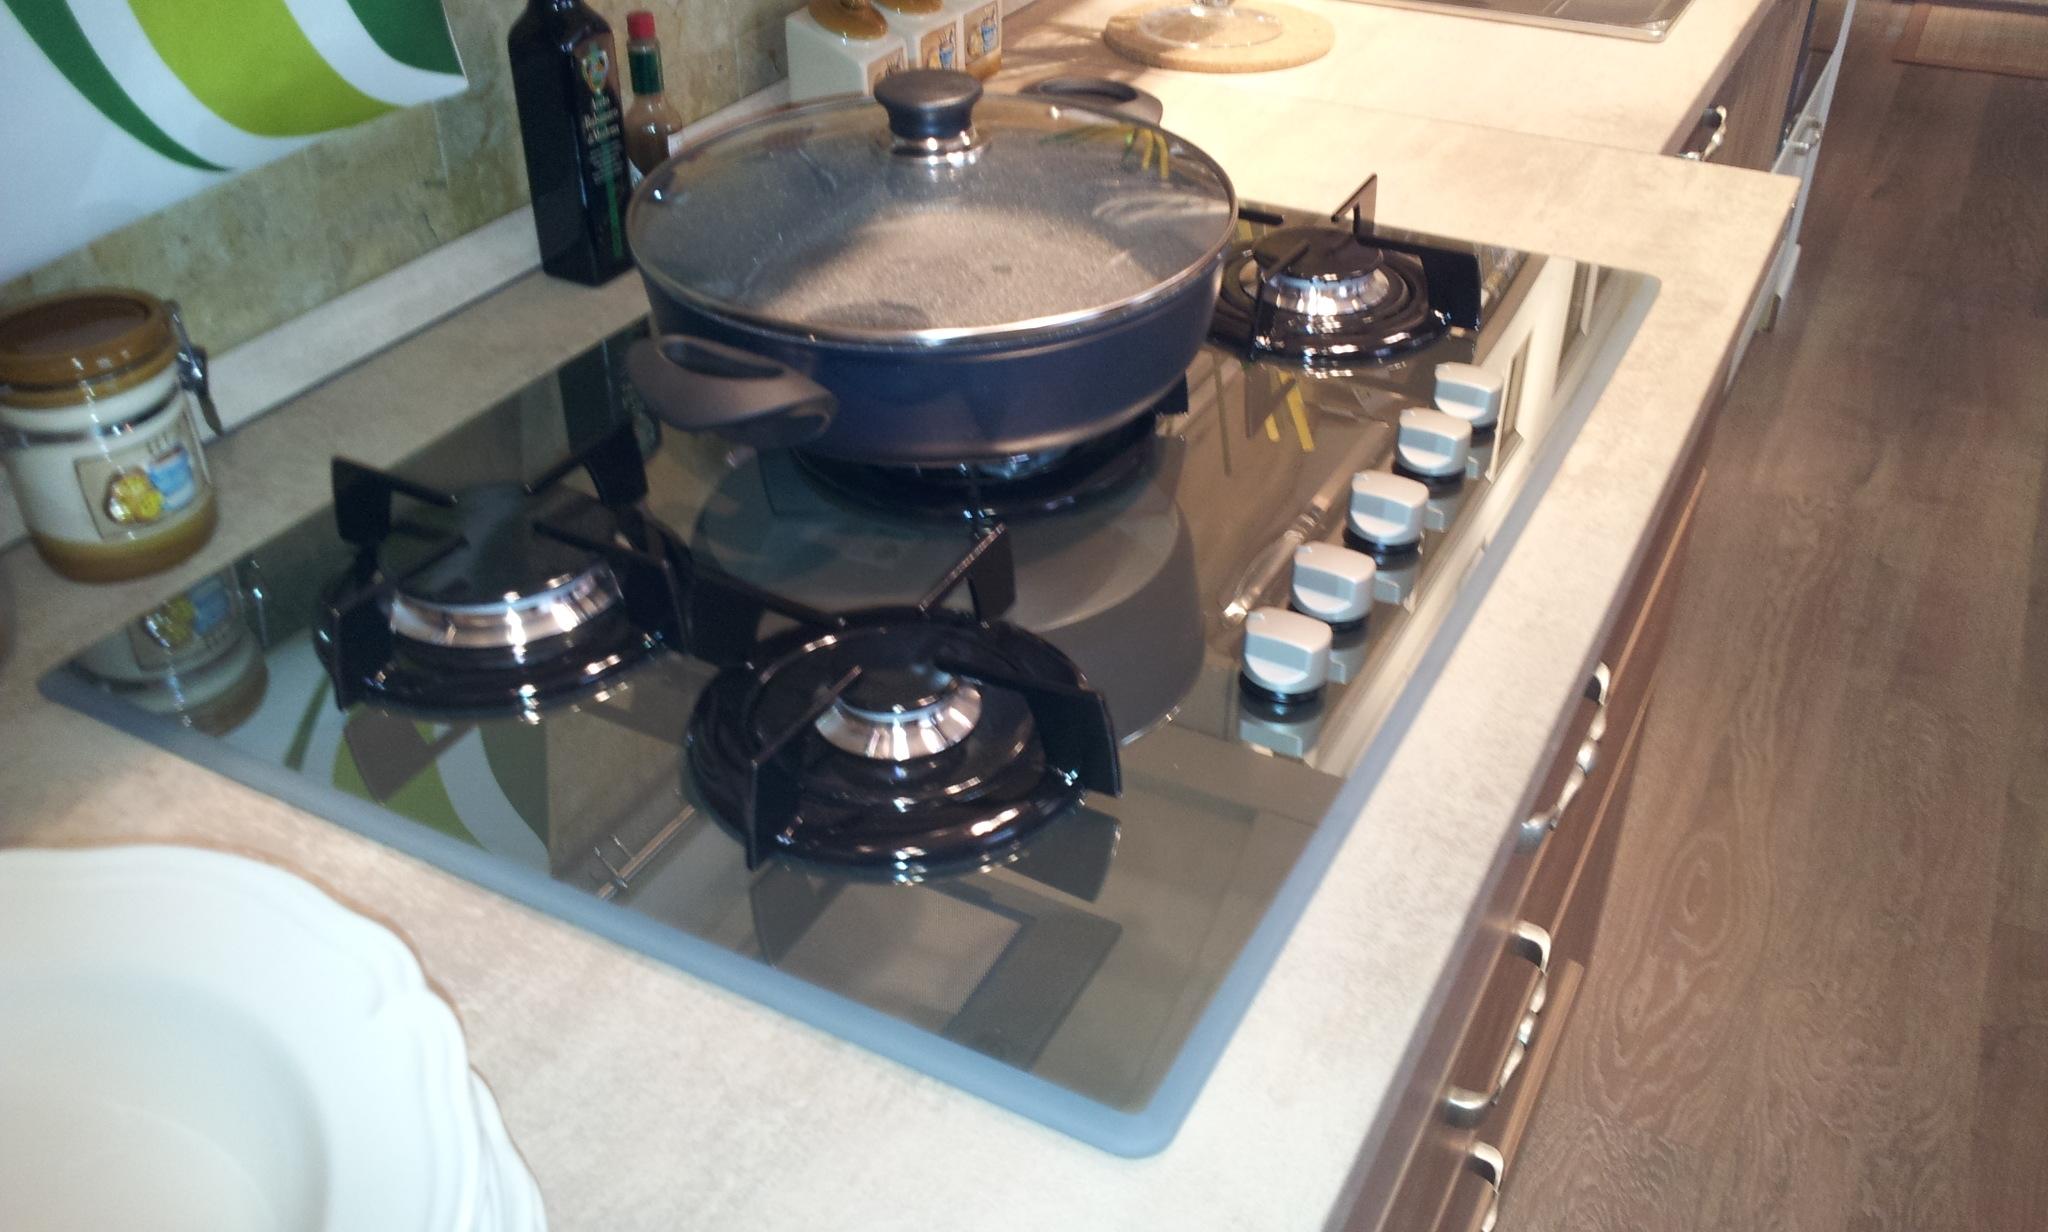 Stosa cucine modello bolgheri in rovere naturale cucine - Ariston cucine a gas ...